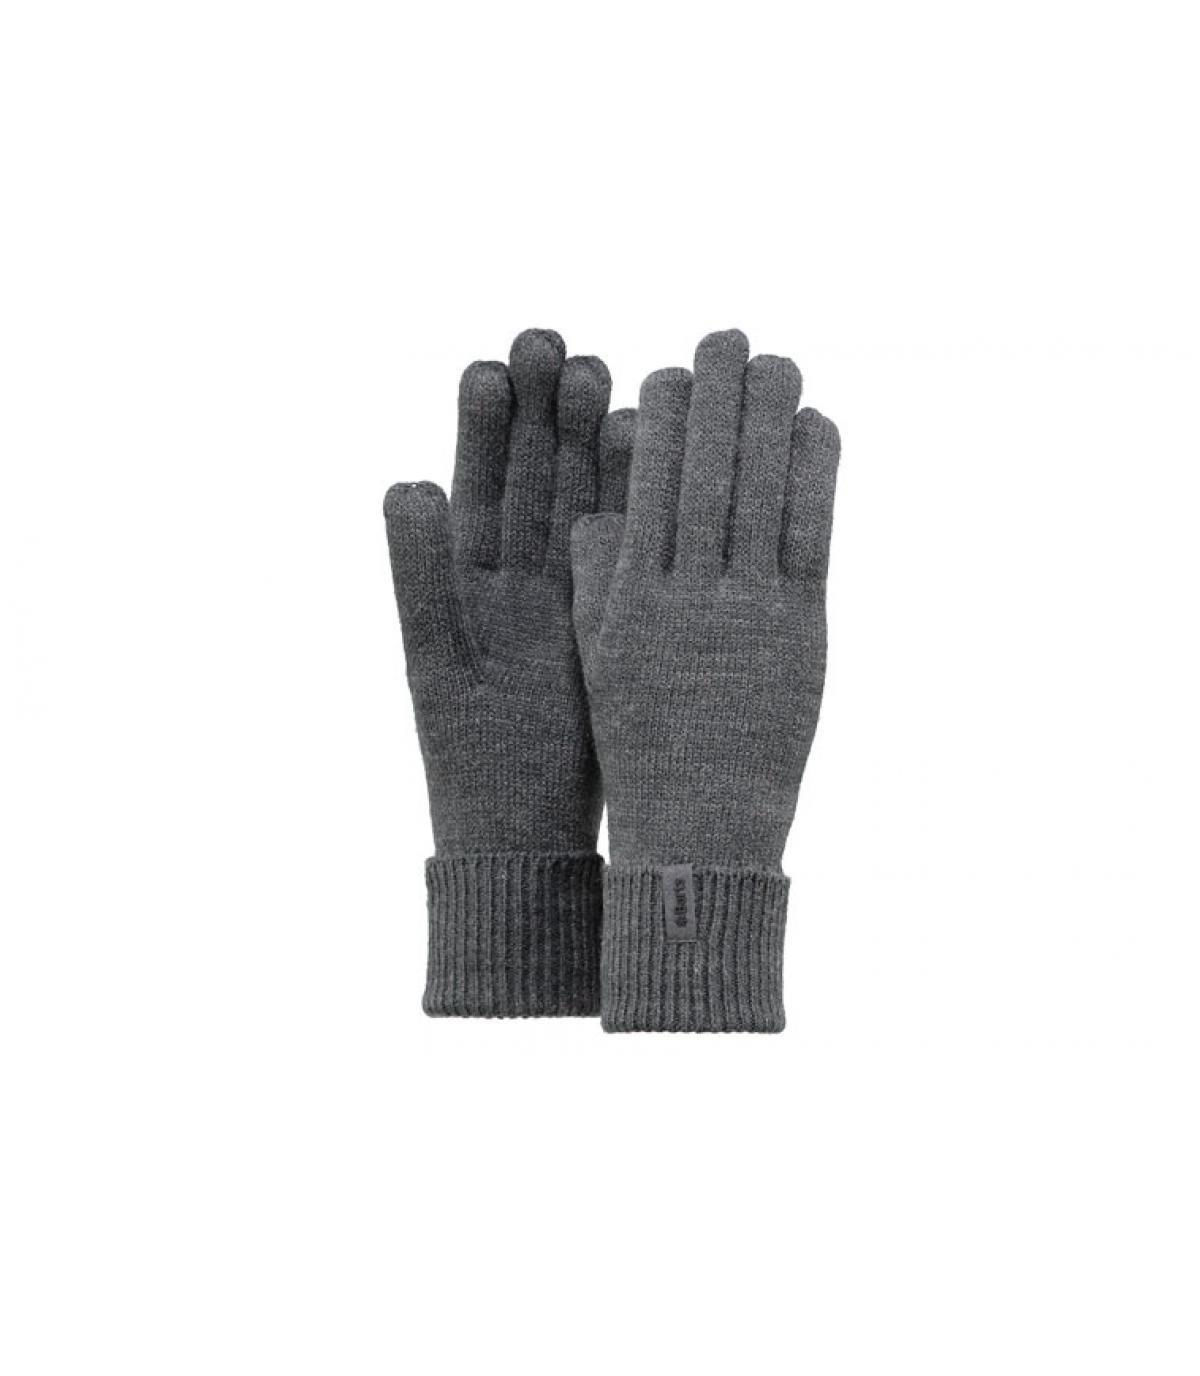 Detalles Fine knitted gloves dark heather imagen 3